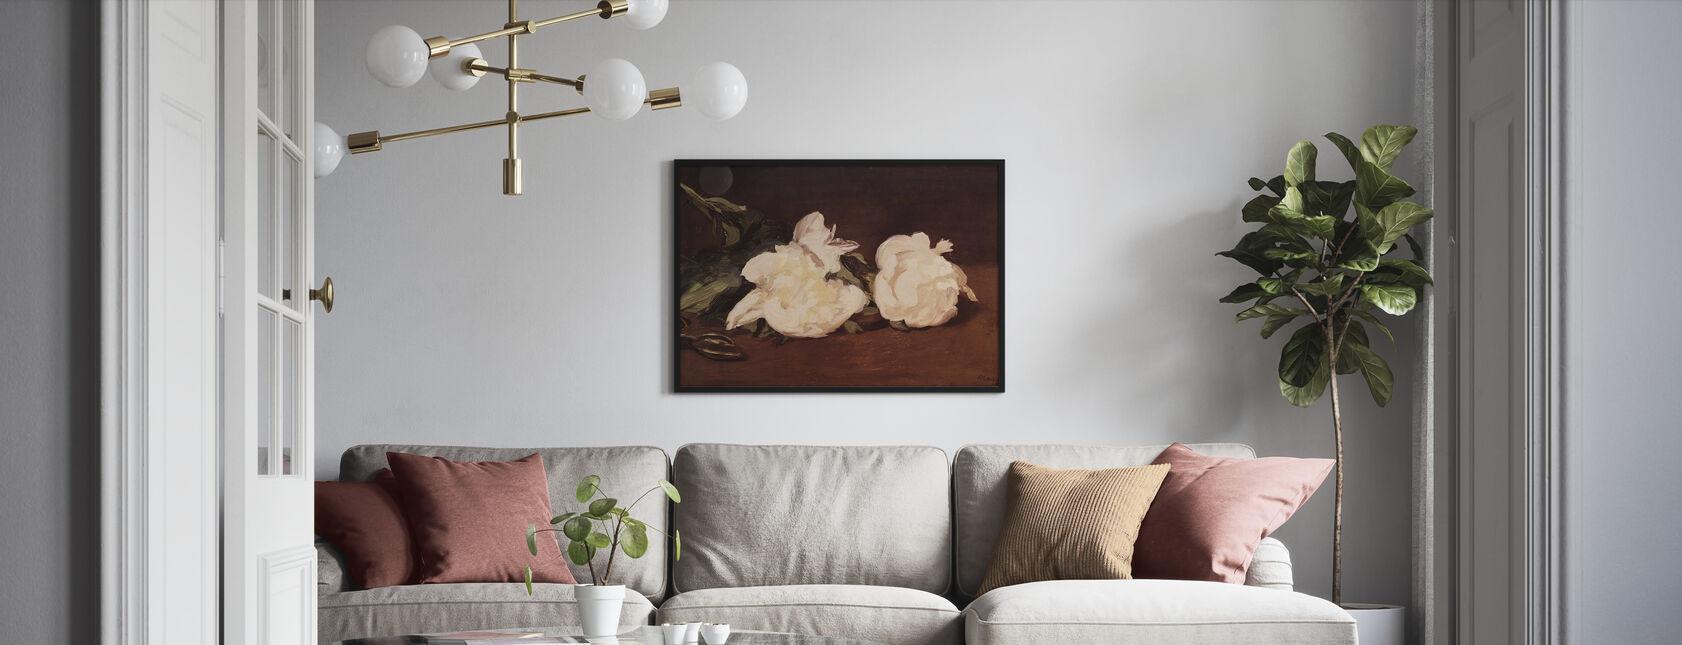 Valkoisten Peonien haara, Edouard Manet - Juliste - Olohuone